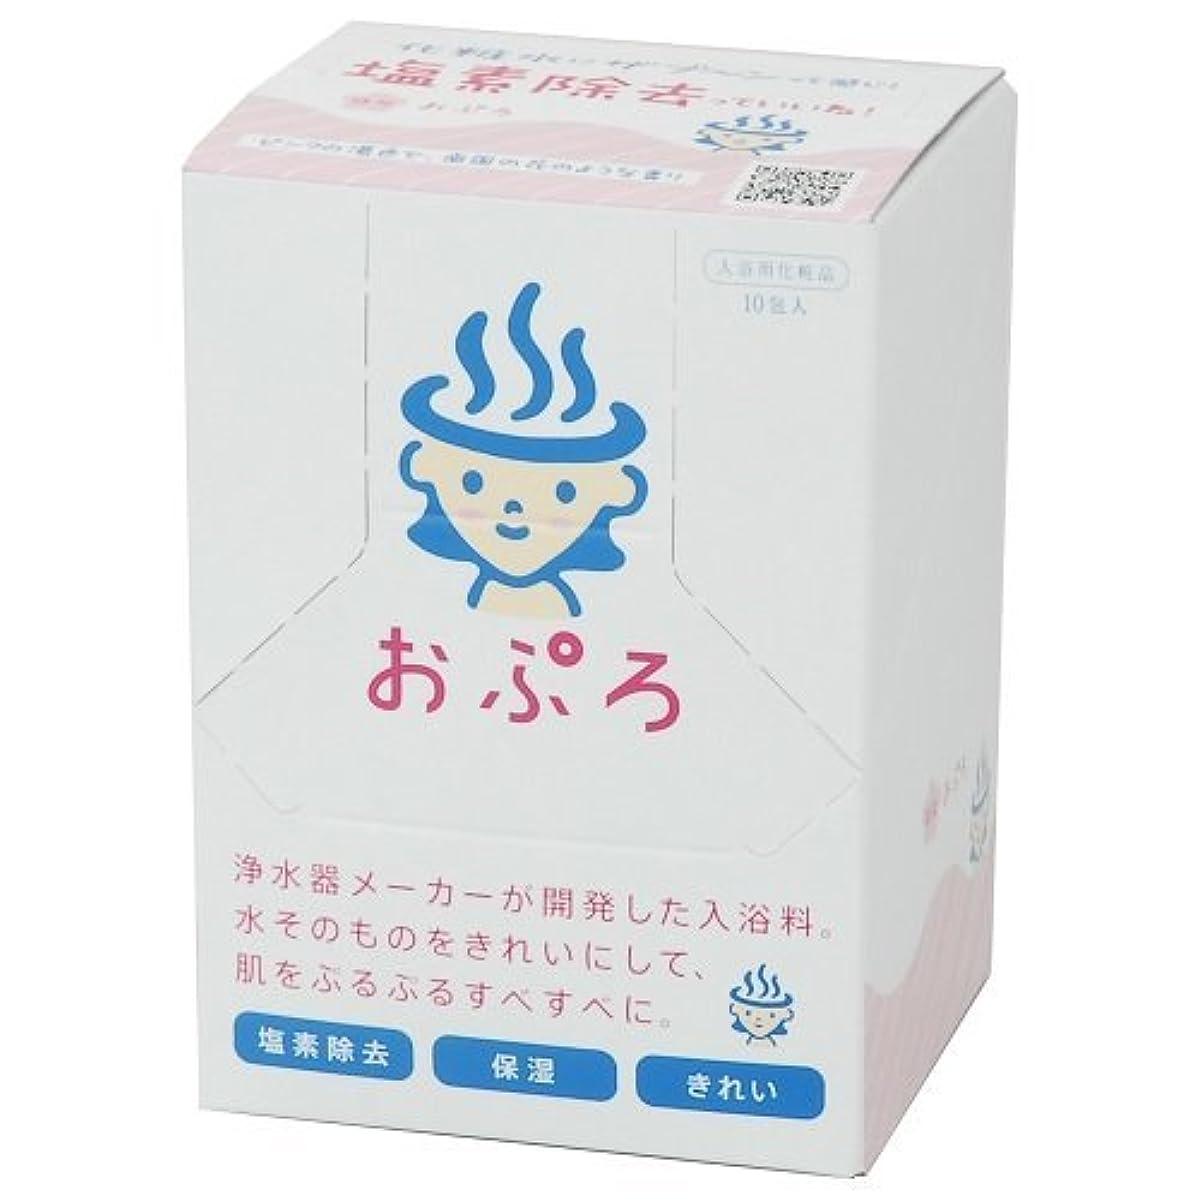 ショップ韓国ワーディアンケース除塩素入浴料 おぷろ はな 10包入